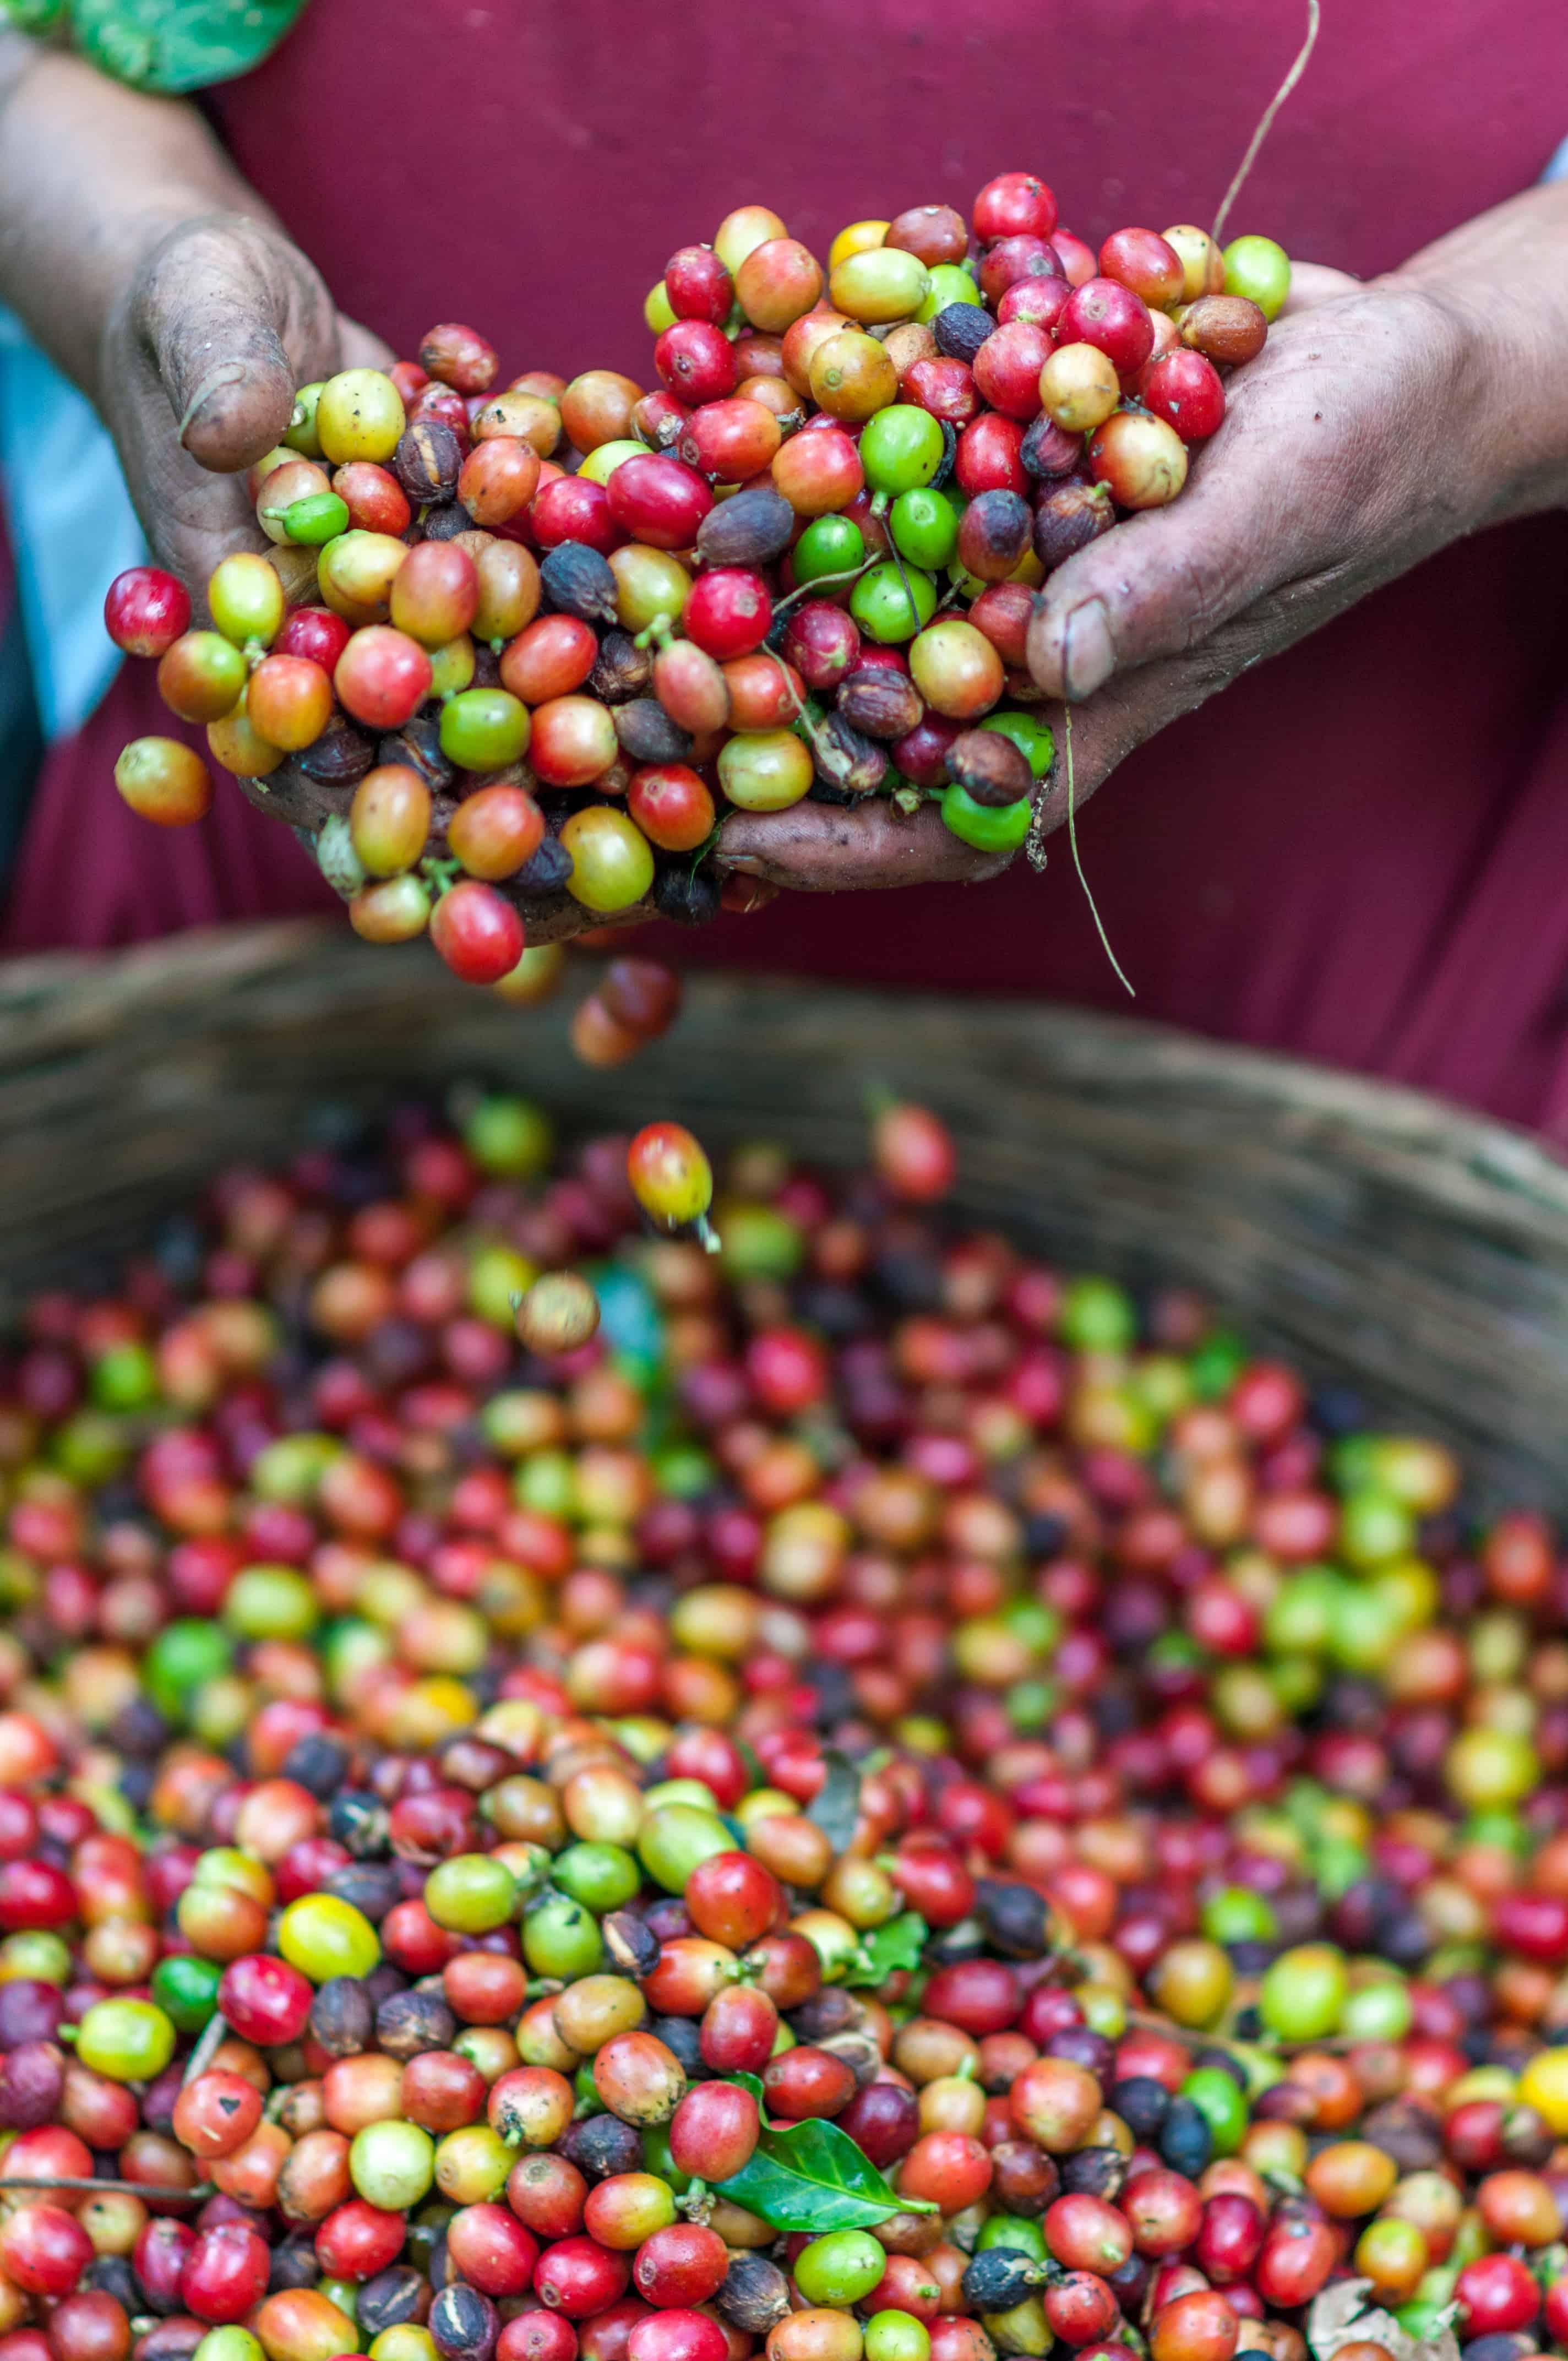 Sorting Coffee Berries